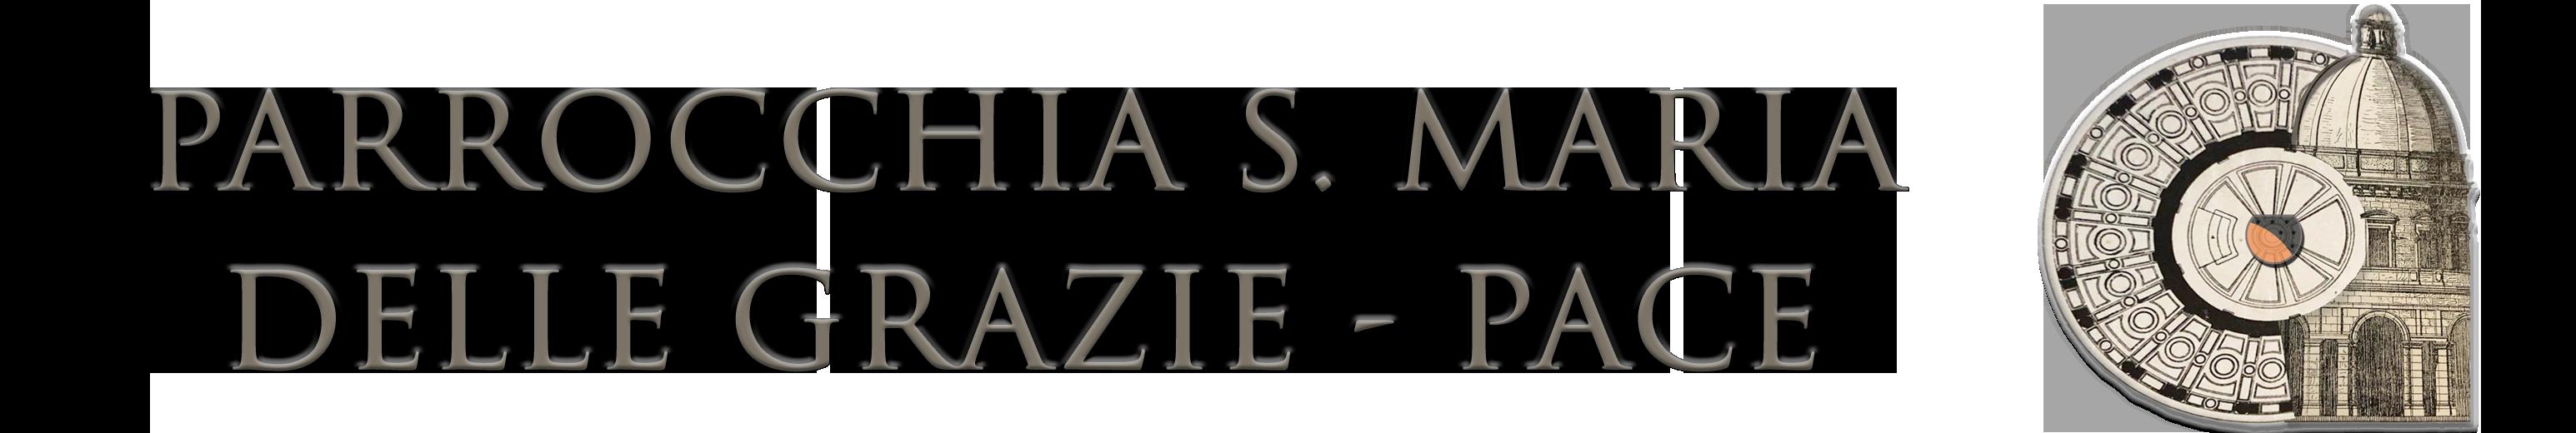 Logo for Parrocchia S. Maria delle Grazie - Pace